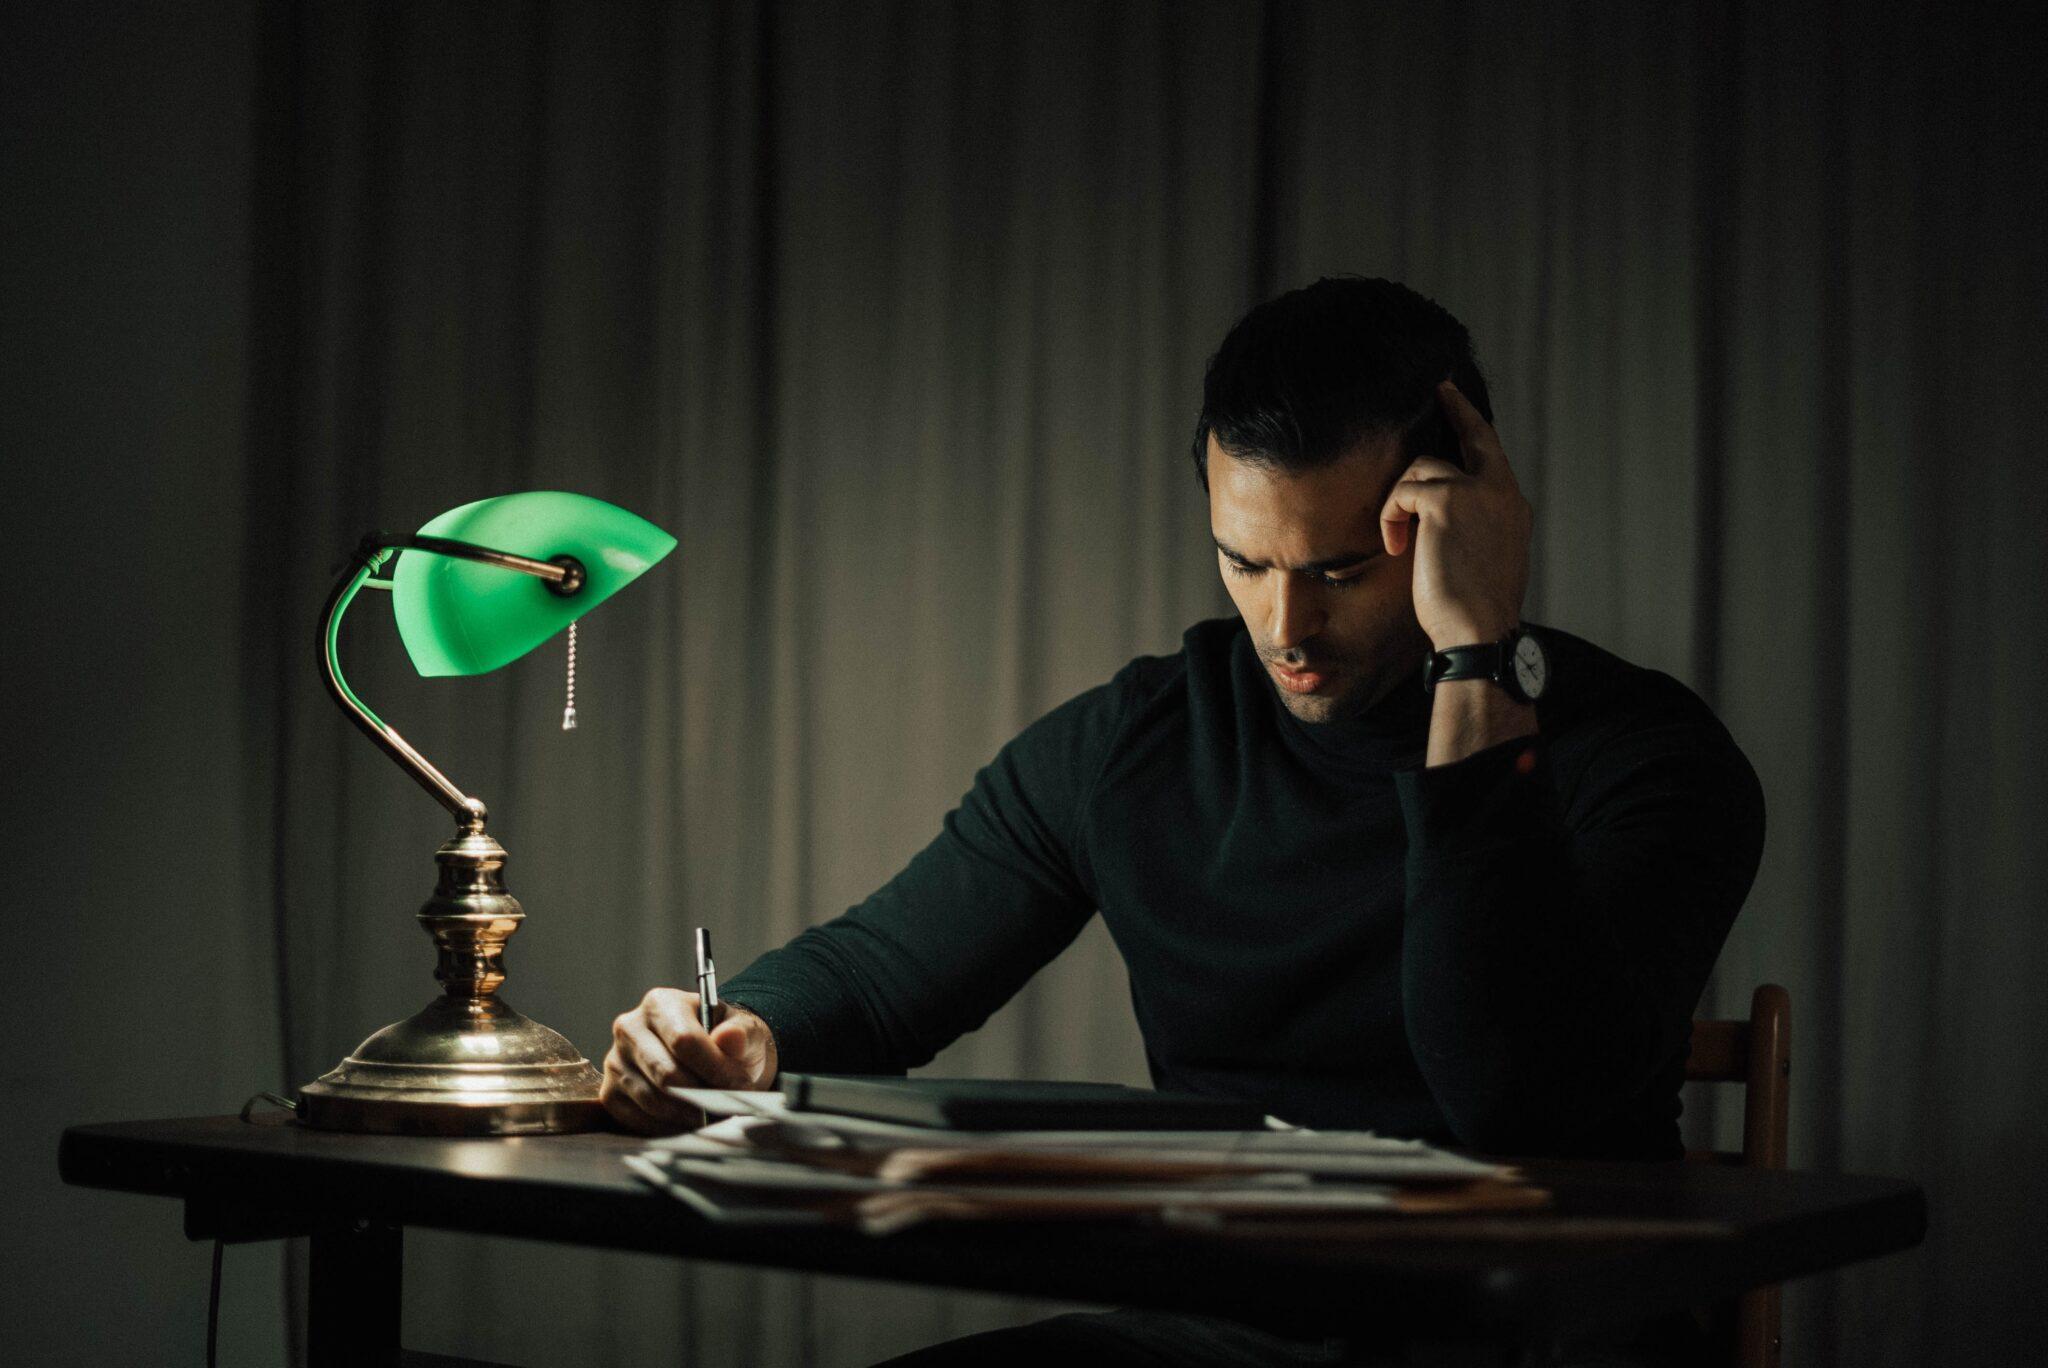 Ein Mann sitzt nachts arbeitend am Schreibtisch